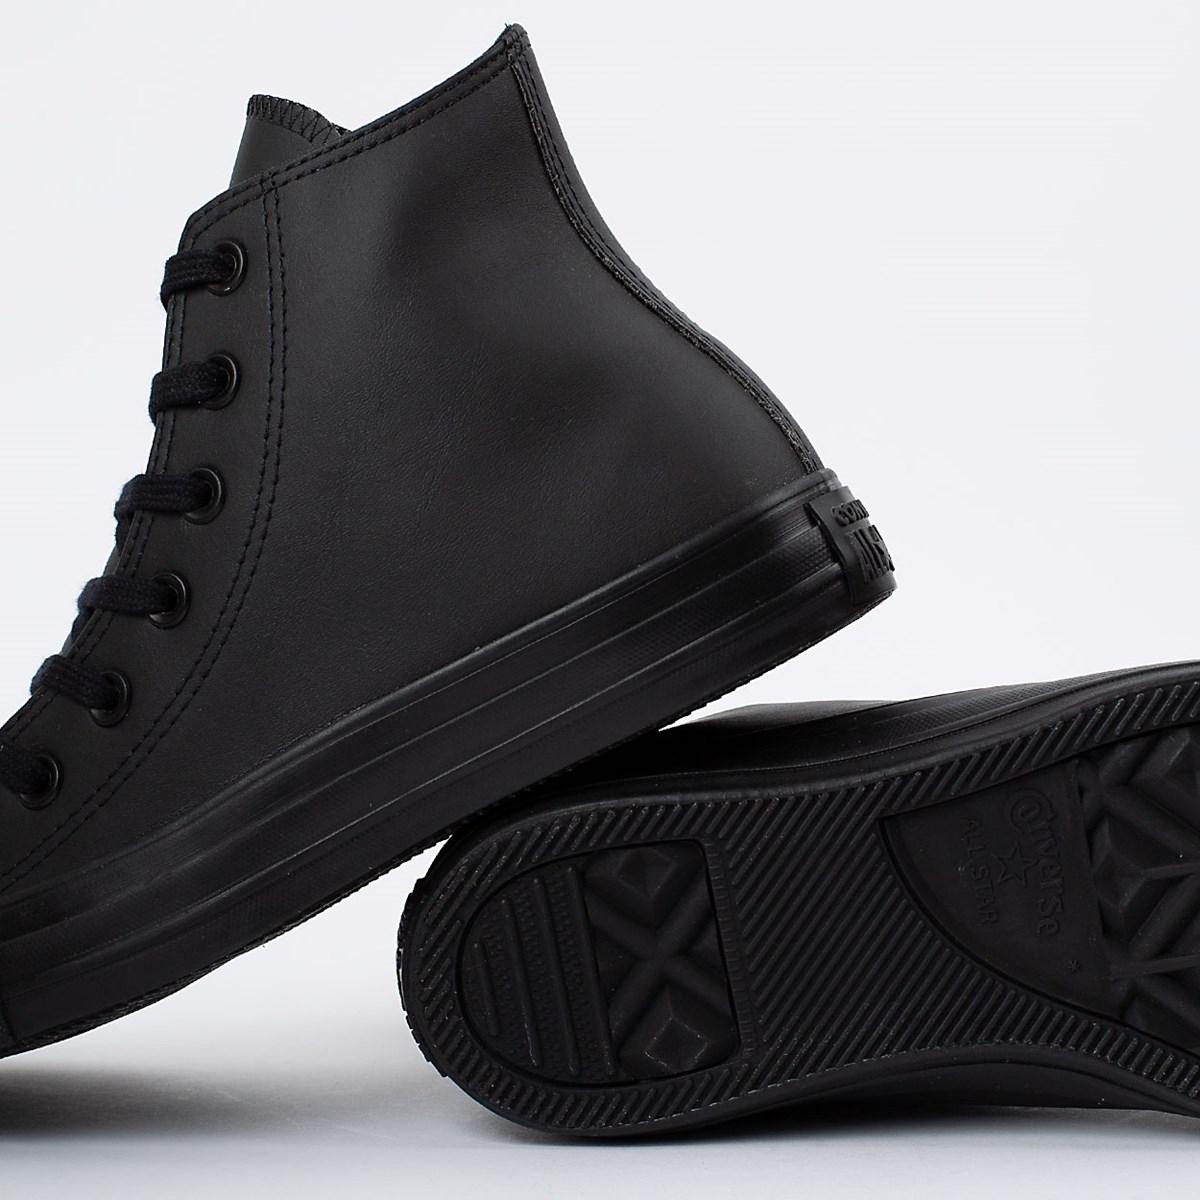 Tênis Converse Chuck Taylor All Star Monochrome Leather Hi Preto Preto CT08250002